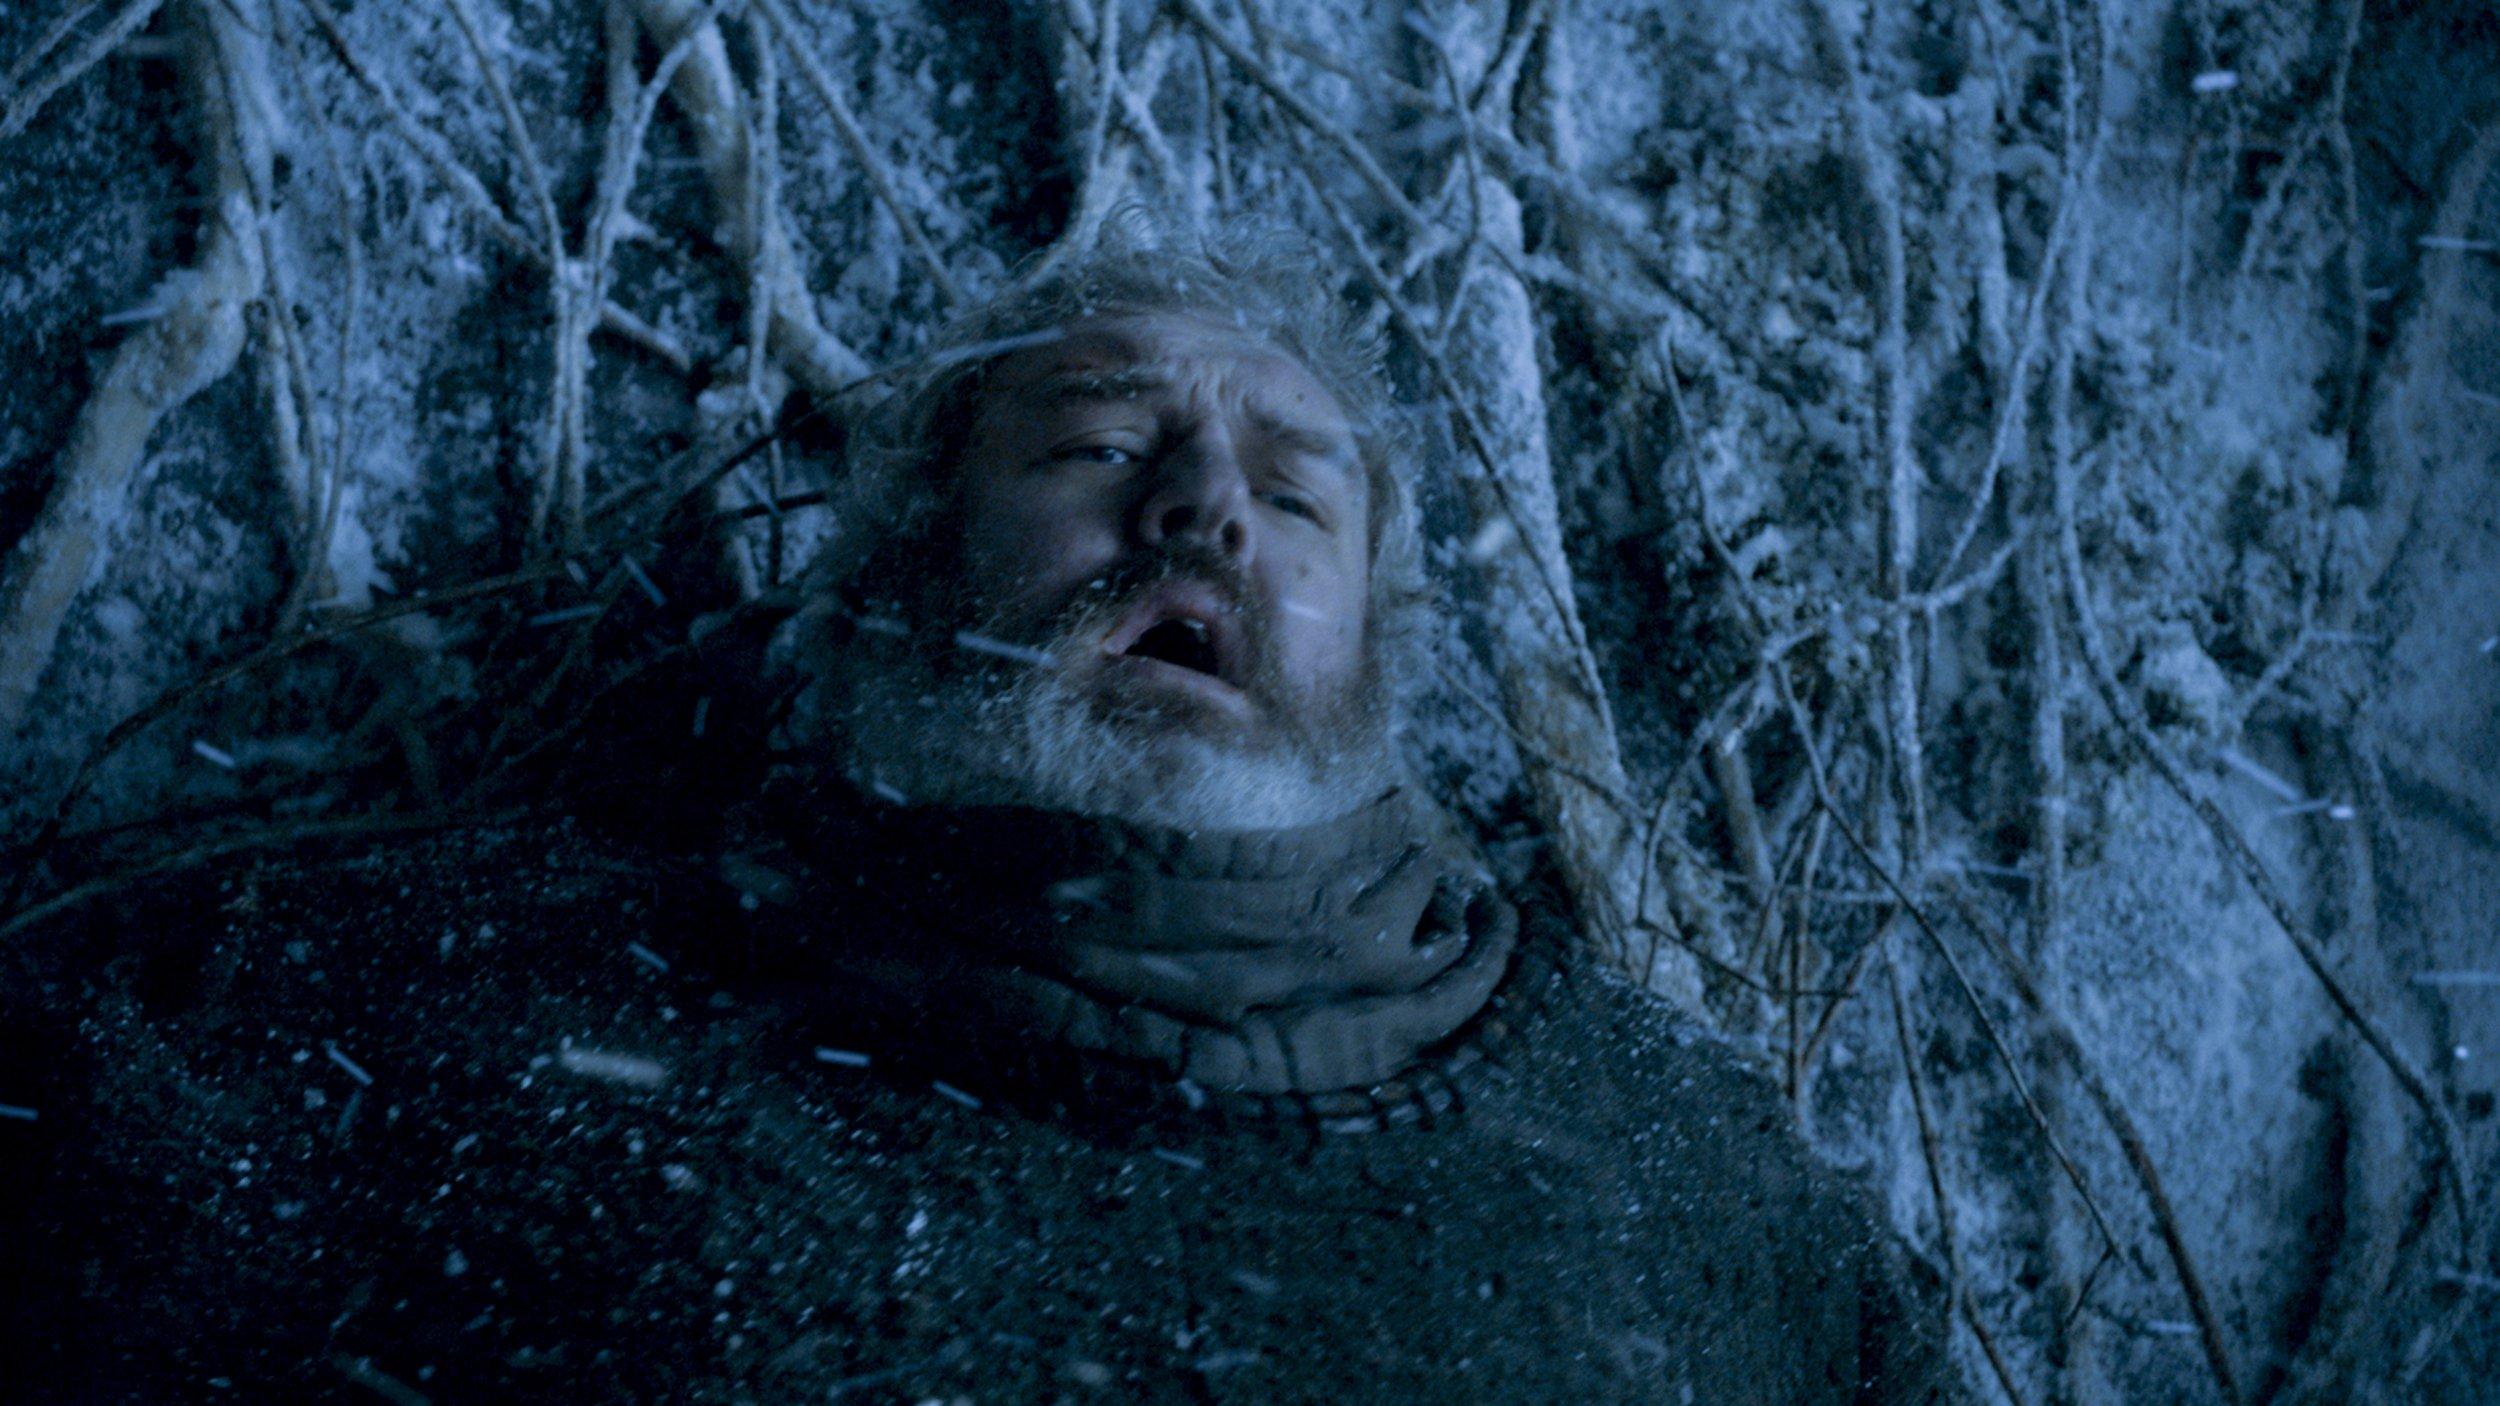 Hodor in Game of Thrones